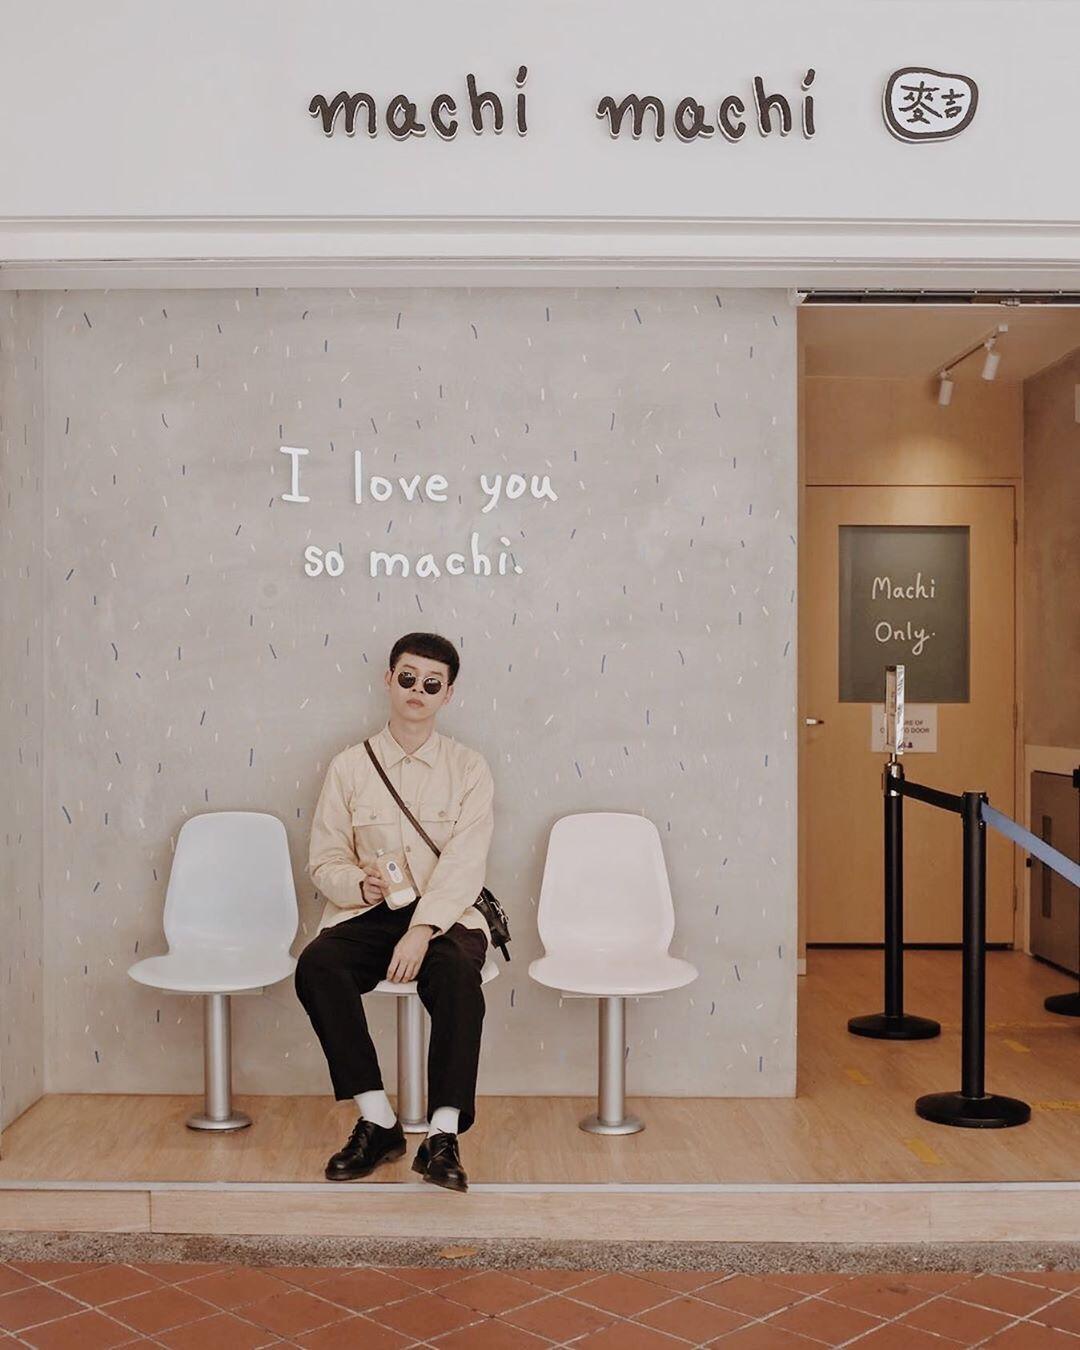 e.k.k.u - Singapore influencer - May 2020